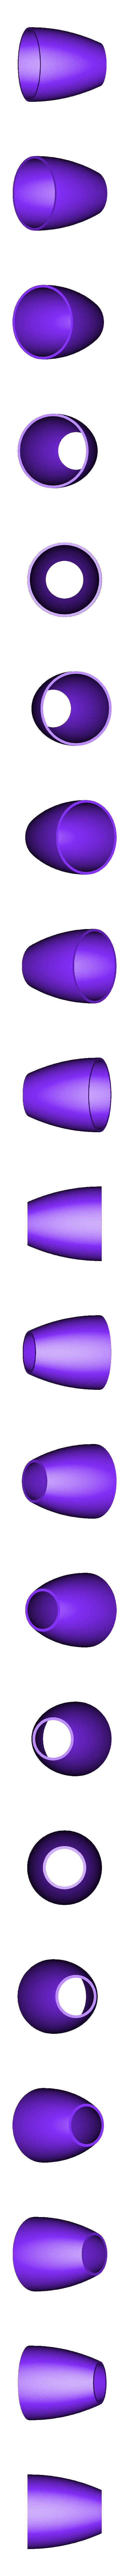 warhead_4_clear_part_1.stl Download free STL file GI Joe Nanomites warhead • 3D print model, poblocki1982